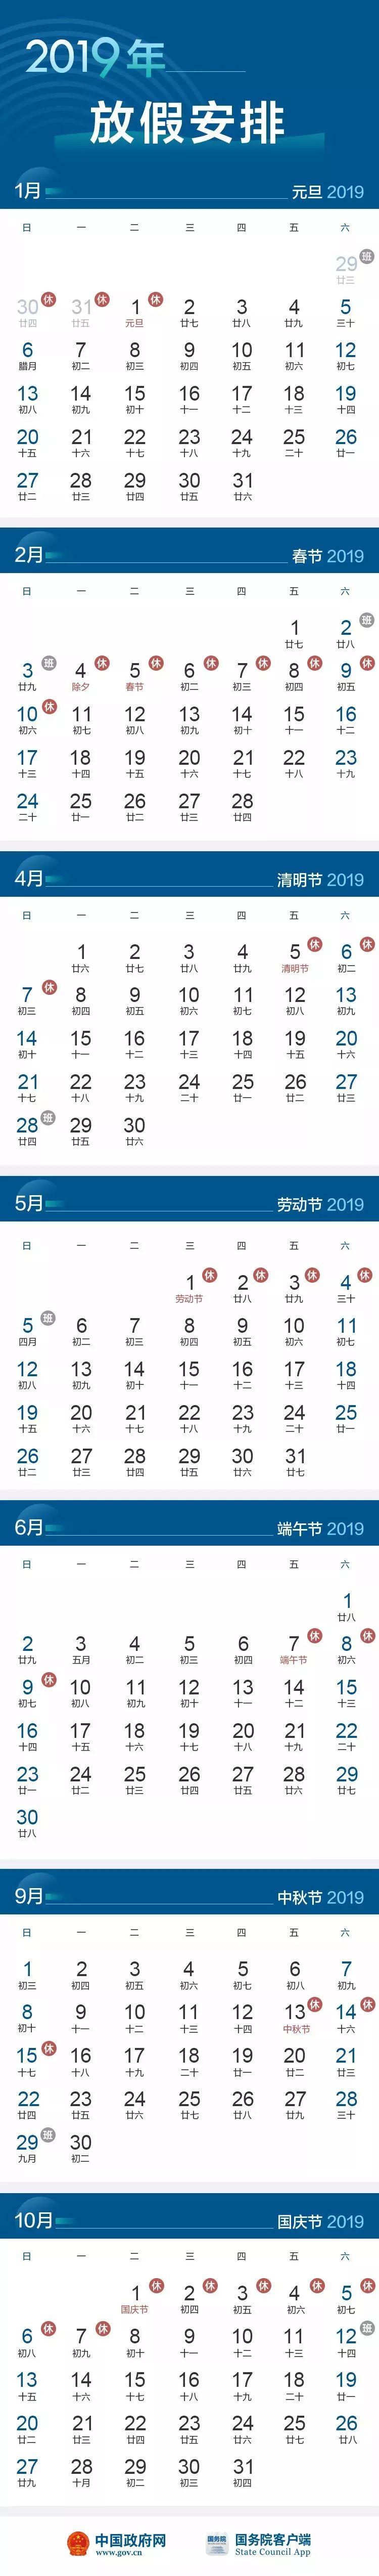 2019五一劳动节放假时间(最新版)